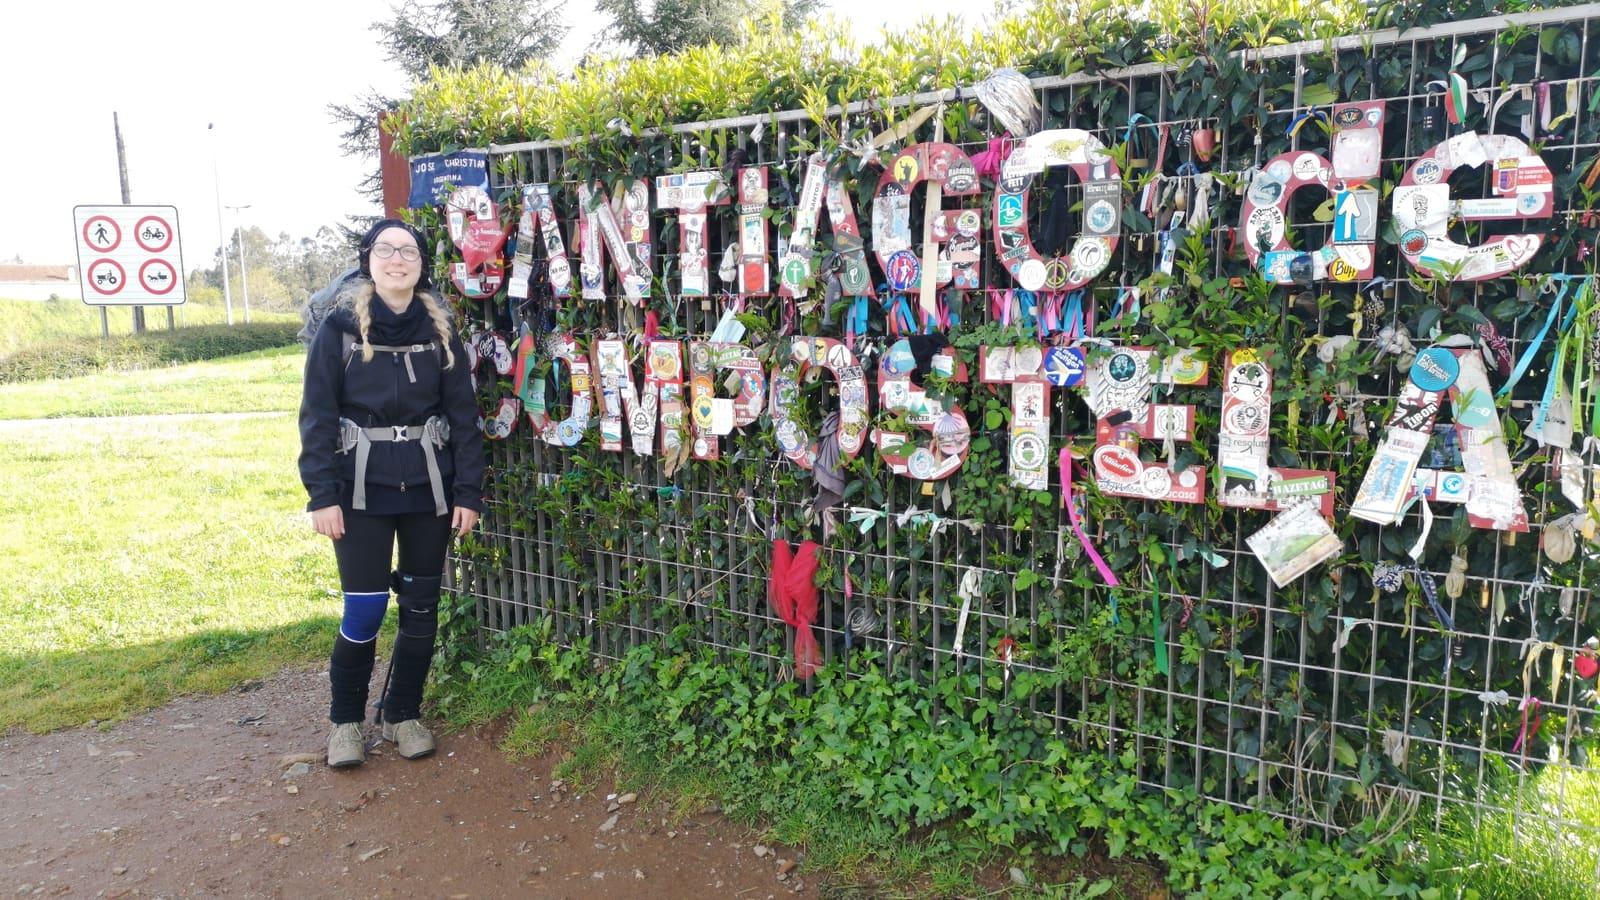 """Wir laufen in einem Bogen um die Stadt herum und hinab an die Straße, kommen schließlich an dassymbolische """"Santiago de Camino""""-Schild und hinterlassen einen symbolischen Sticker."""